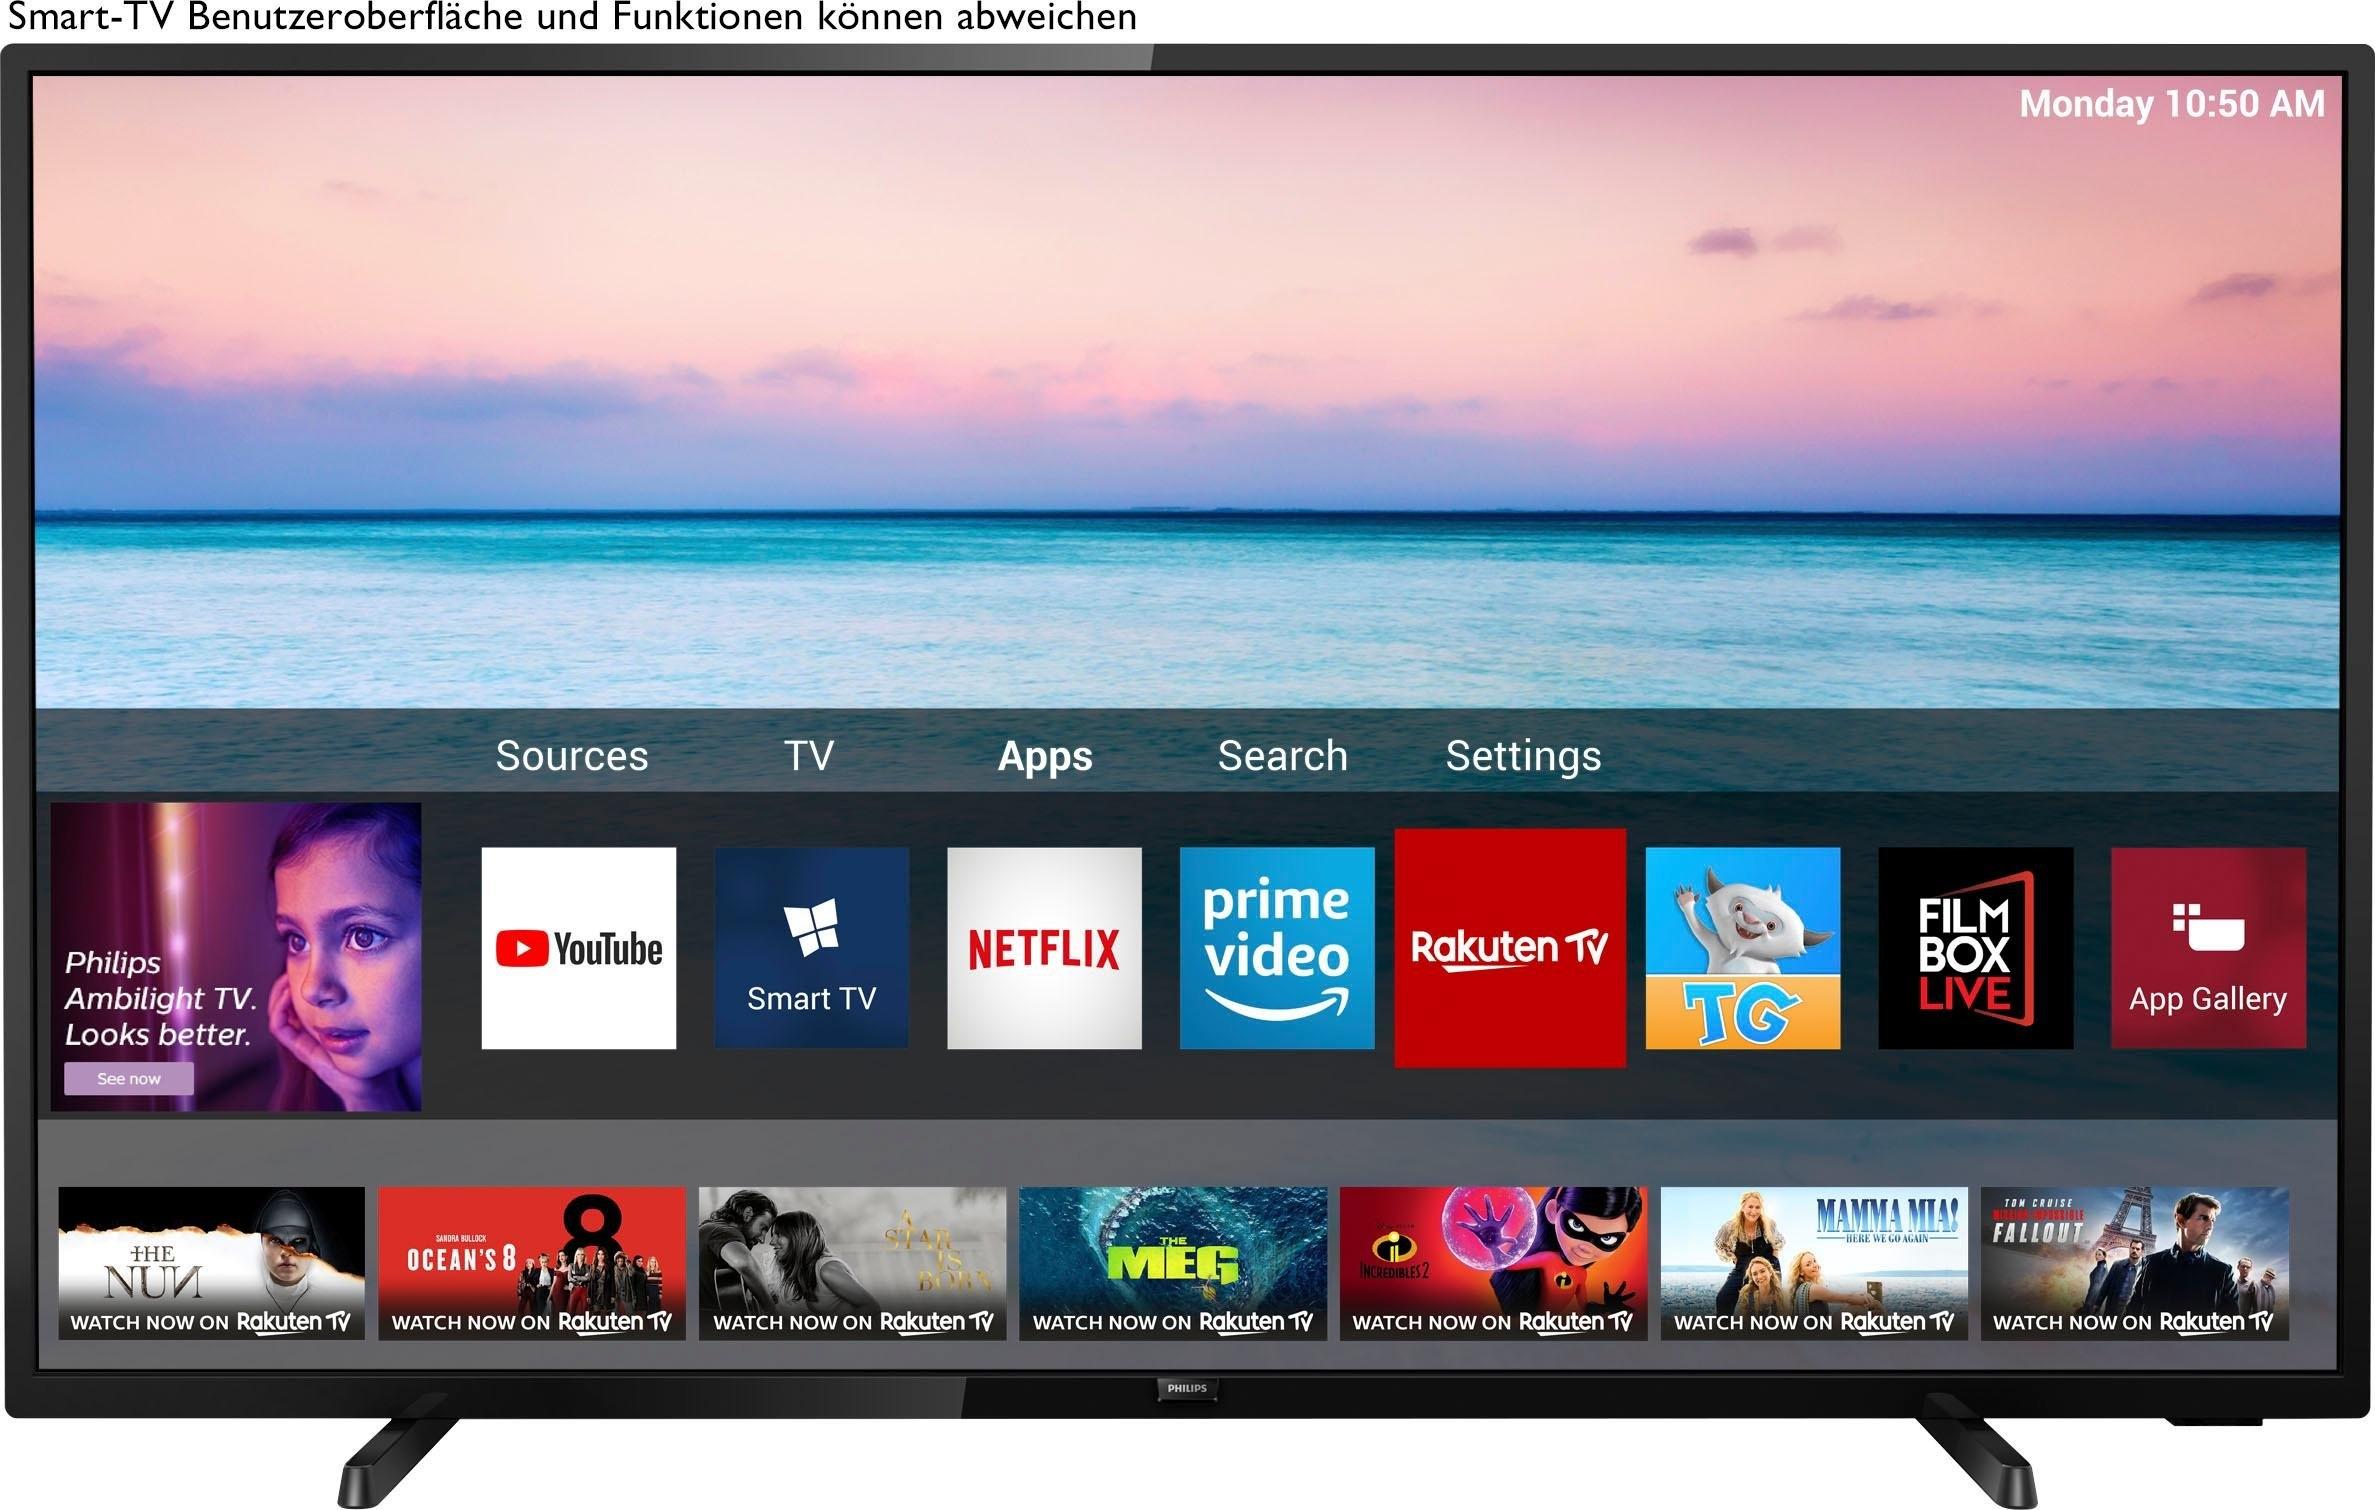 Philips 58PUS6504/12 led-tv (146 cm / 58 inch), 4K Ultra HD, smart-tv nu online kopen bij OTTO